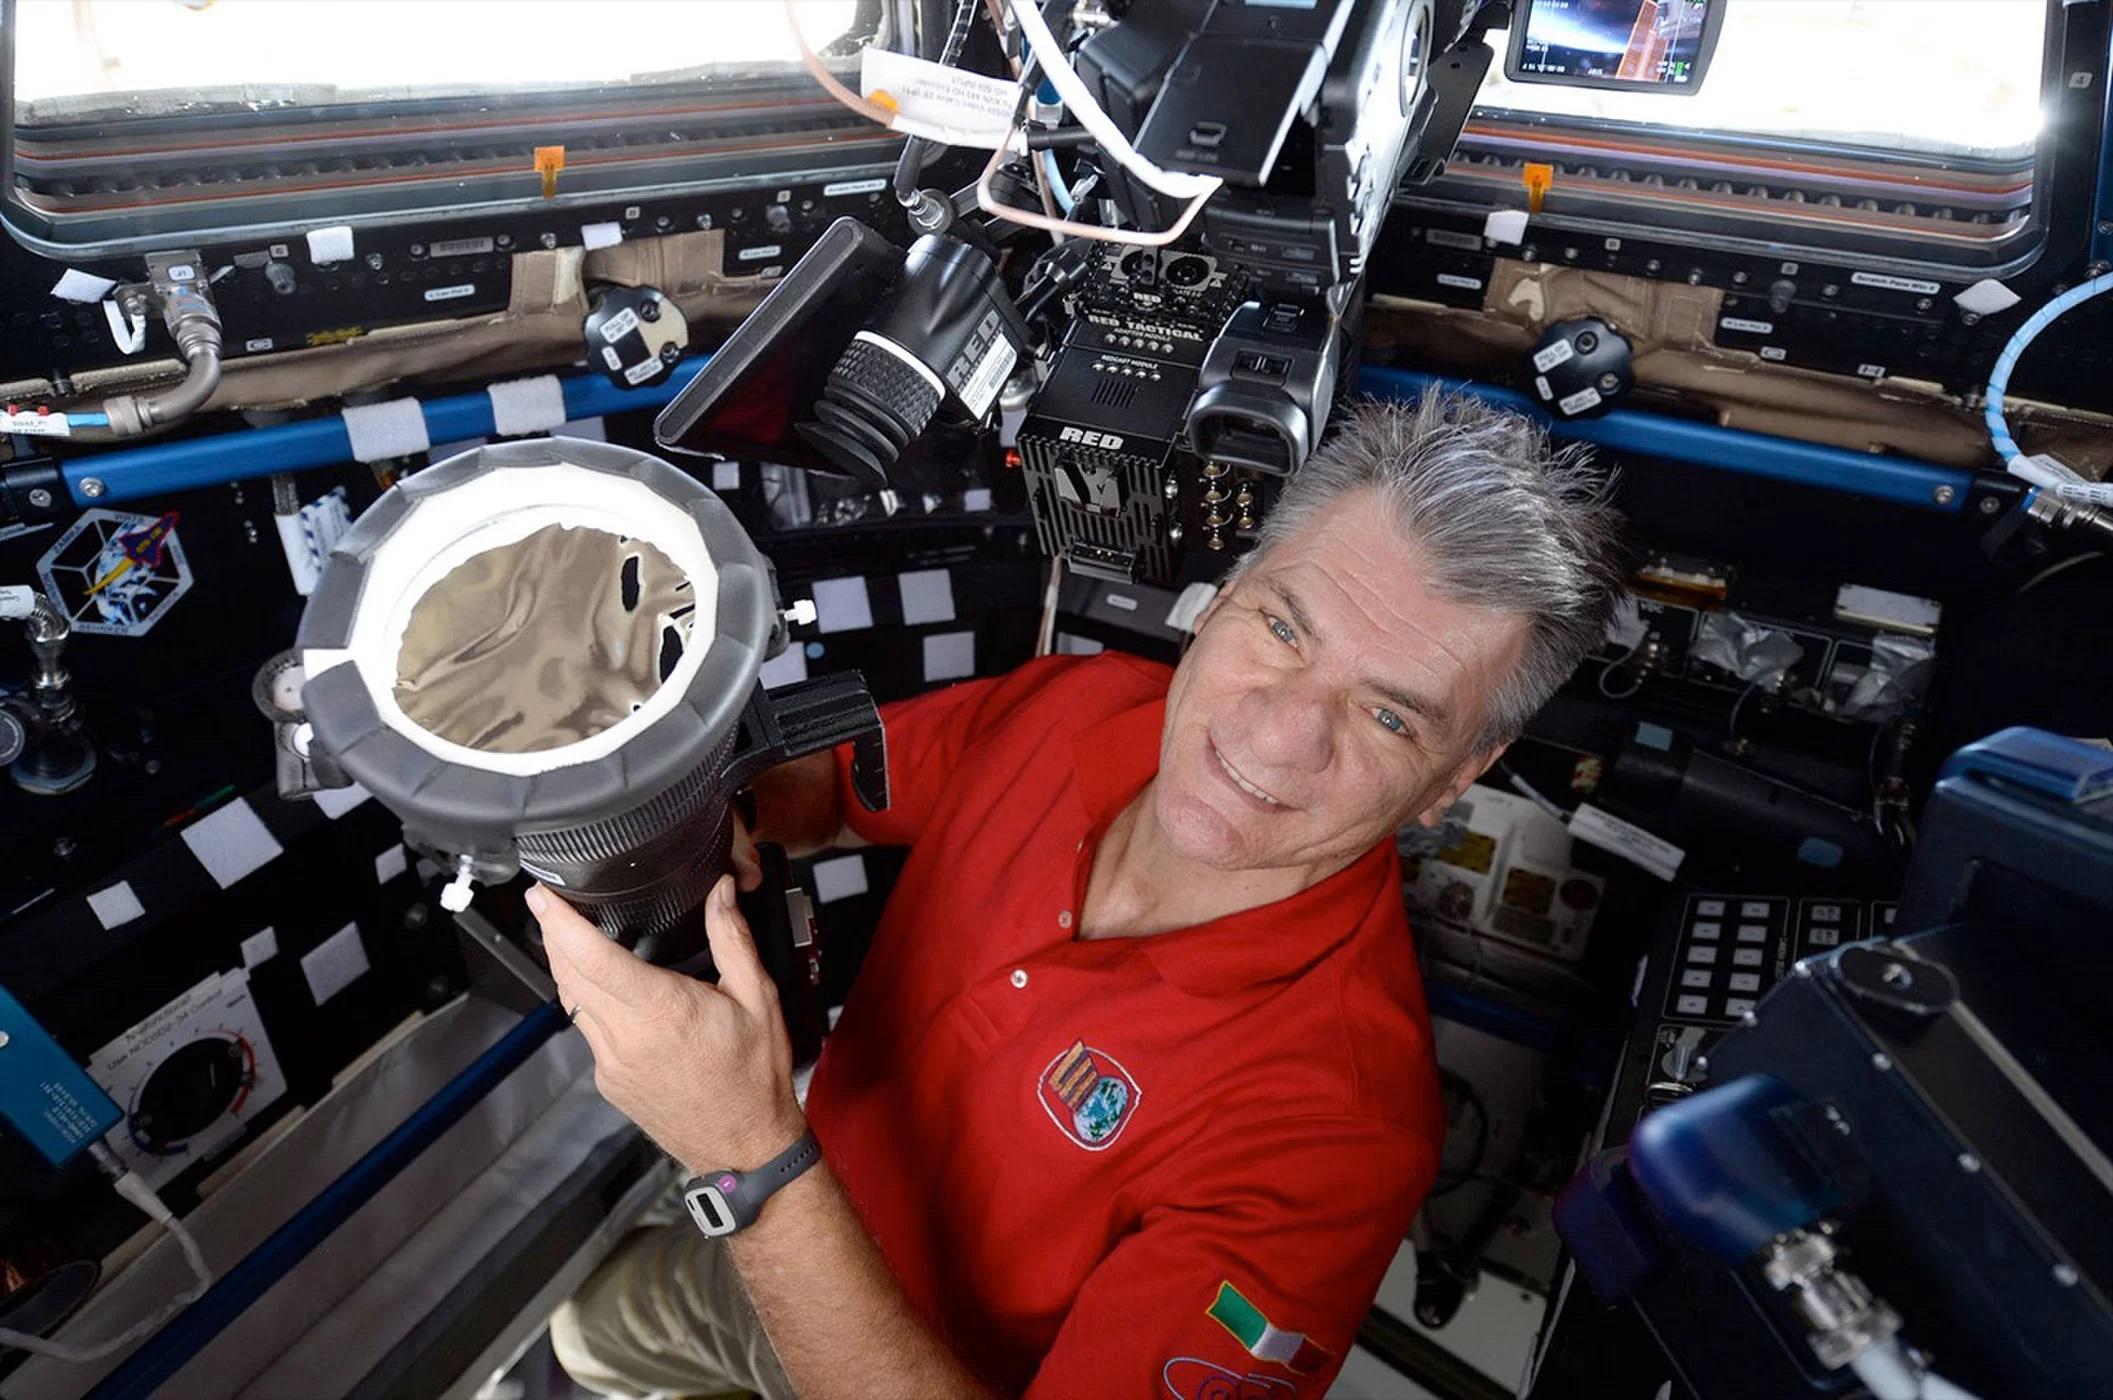 Paolo Nespoli przygotowuje swój aparat, wyposażony w soczewki 400mm i filtr przeciwsłoneczny, do zrobienia zdjęć z modułu Cupola na pokładzie ISS.